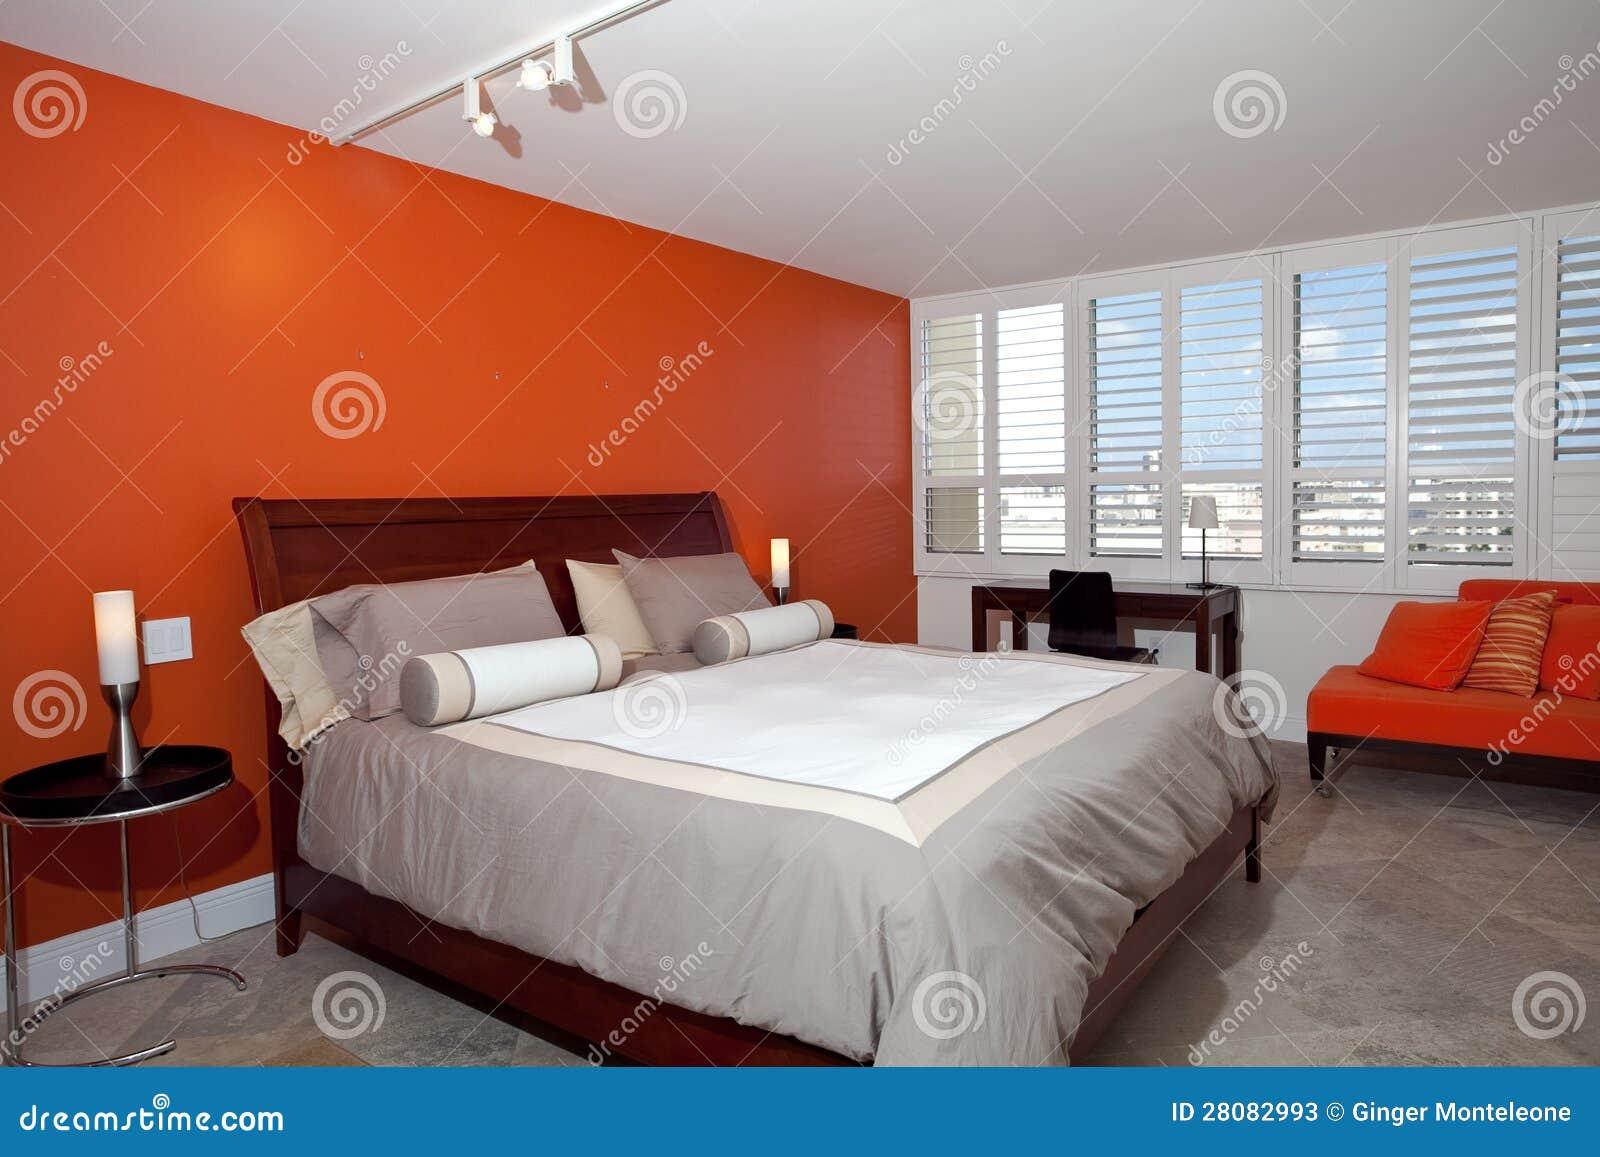 Chambre coucher avec le mur orange br l photos stock for Achat de chambre a coucher